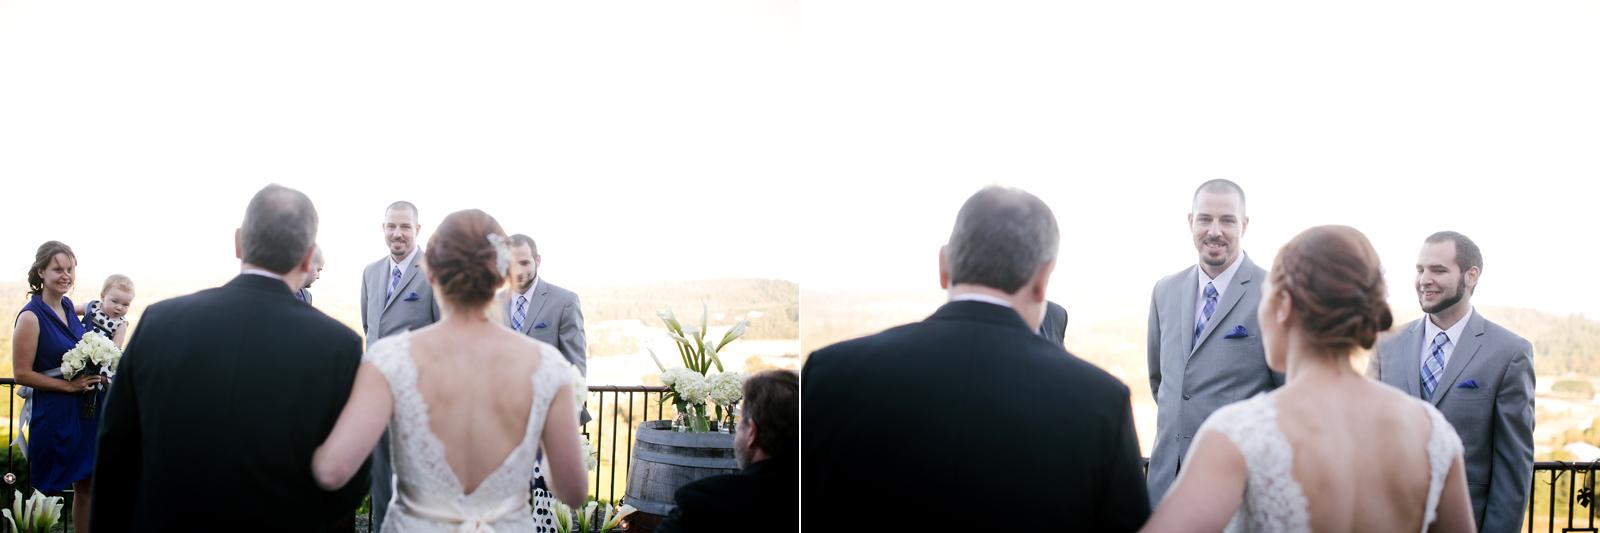 029-daronjackson-rich-wedding.jpg